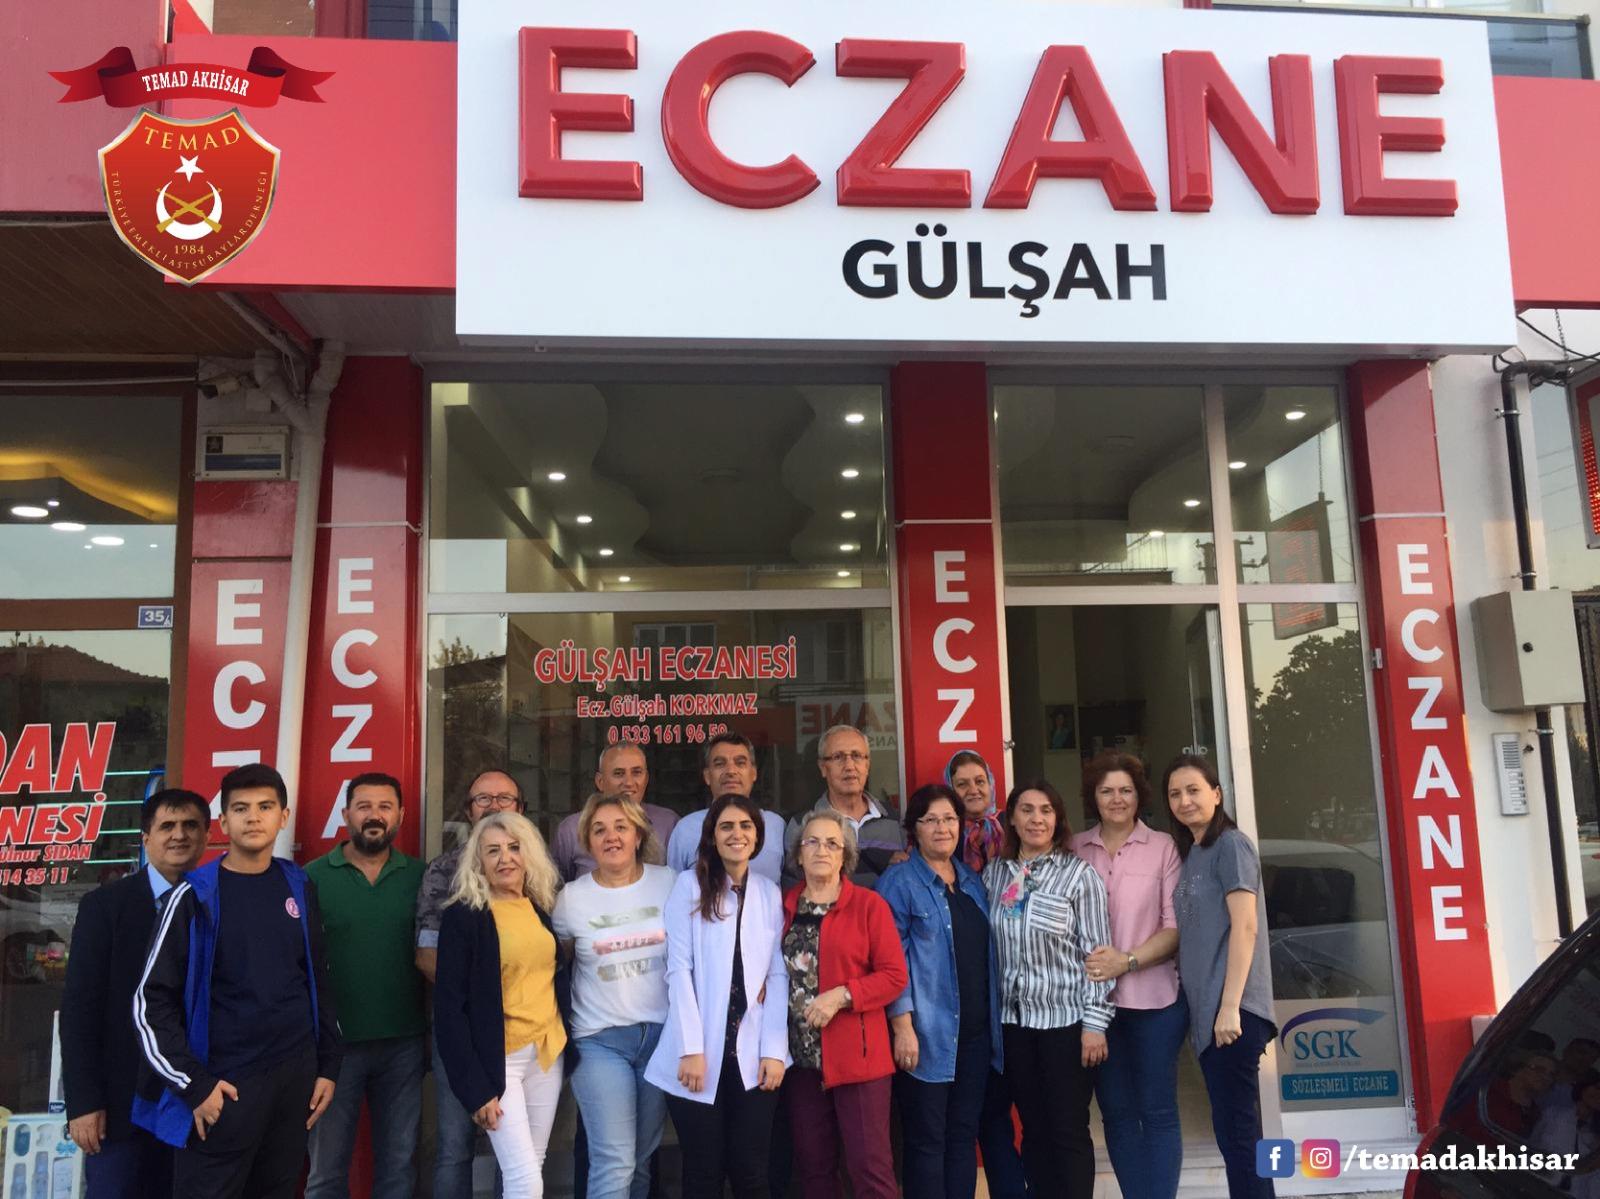 Yönetim kurulu üyemiz Enver Korkmaz'ın kızı Gülşah Korkmaz'ın yeni açılan Eczanesine hayırlı olsun ziyaretinde bulunduk.